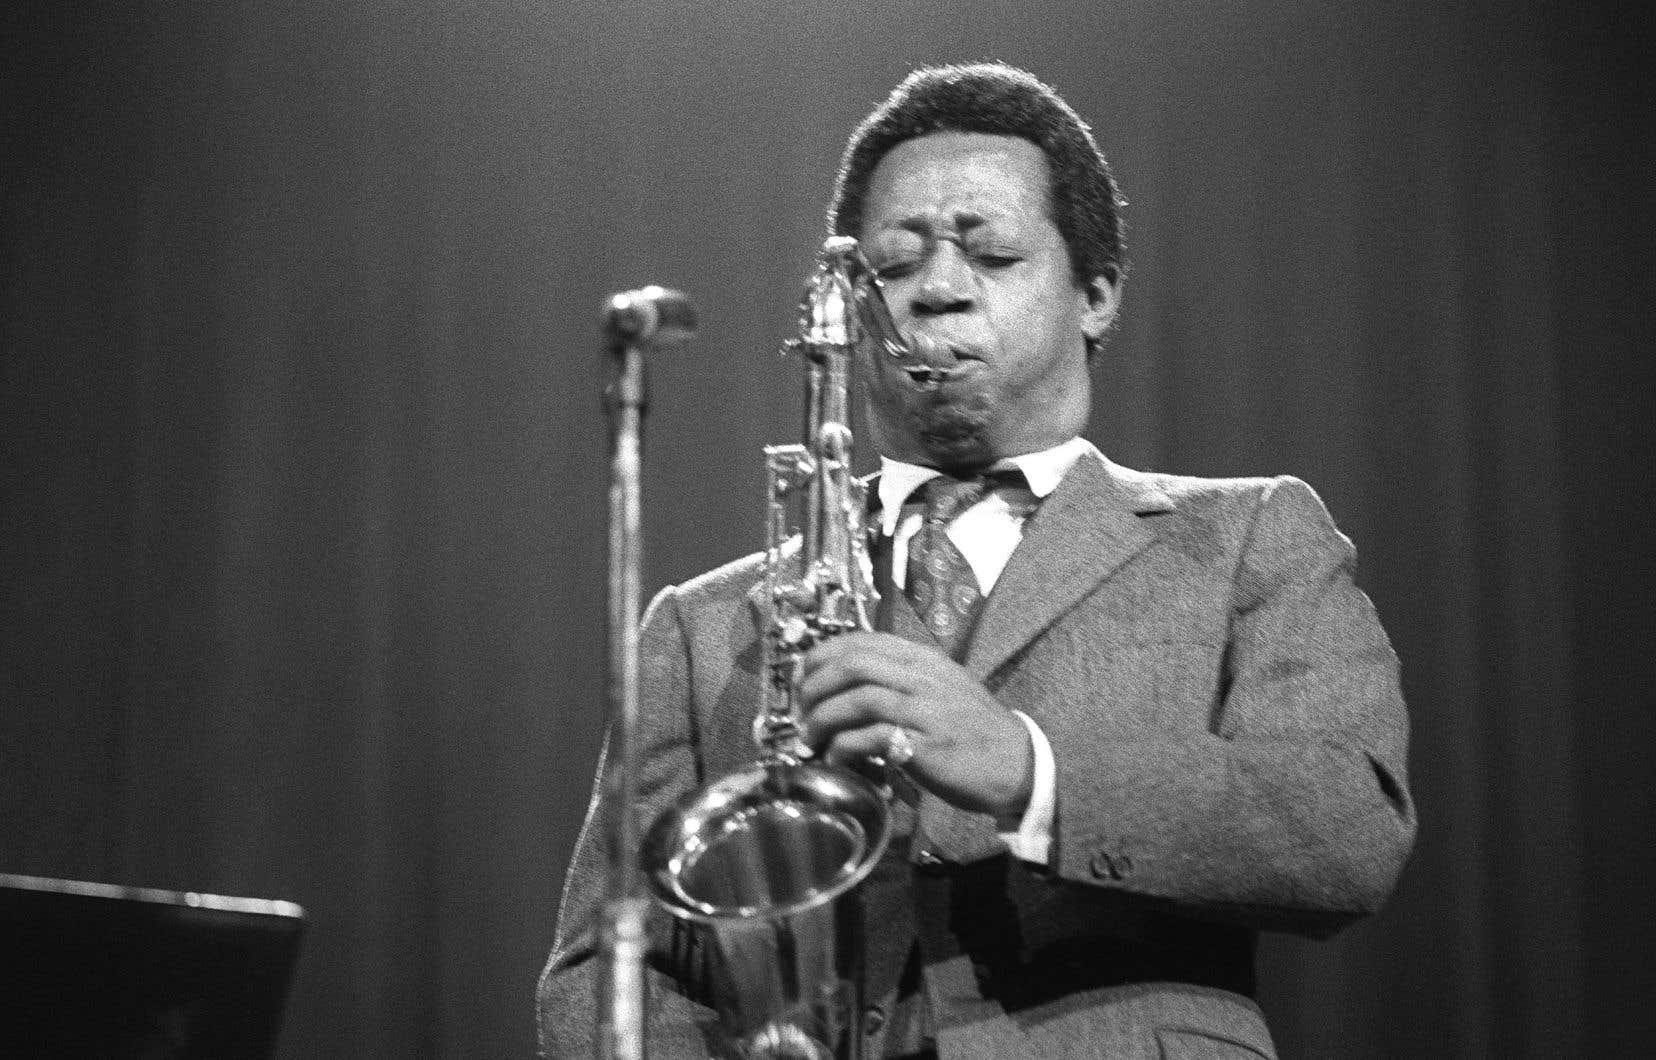 Charlie Rouse, saxophoniste ténor de l'orchestre de Thelonious Monk, joue sur la scène de la salle Pleyel à Paris au mois de décembre 1969.